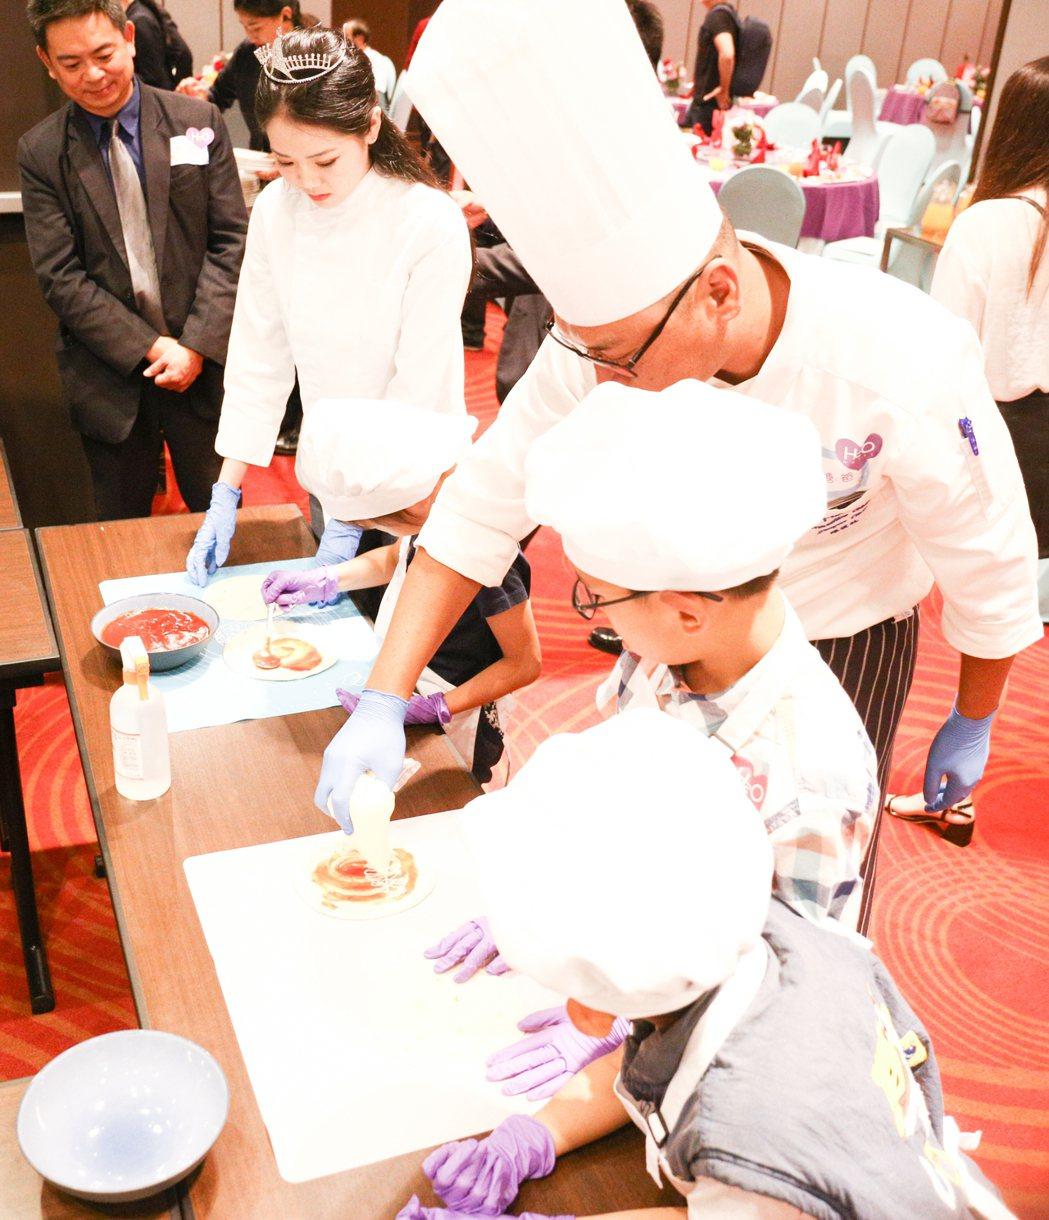 兒童之家的小朋友在大廚師指導下,體驗手作美味墨西哥捲餅。 攝影/張世雅